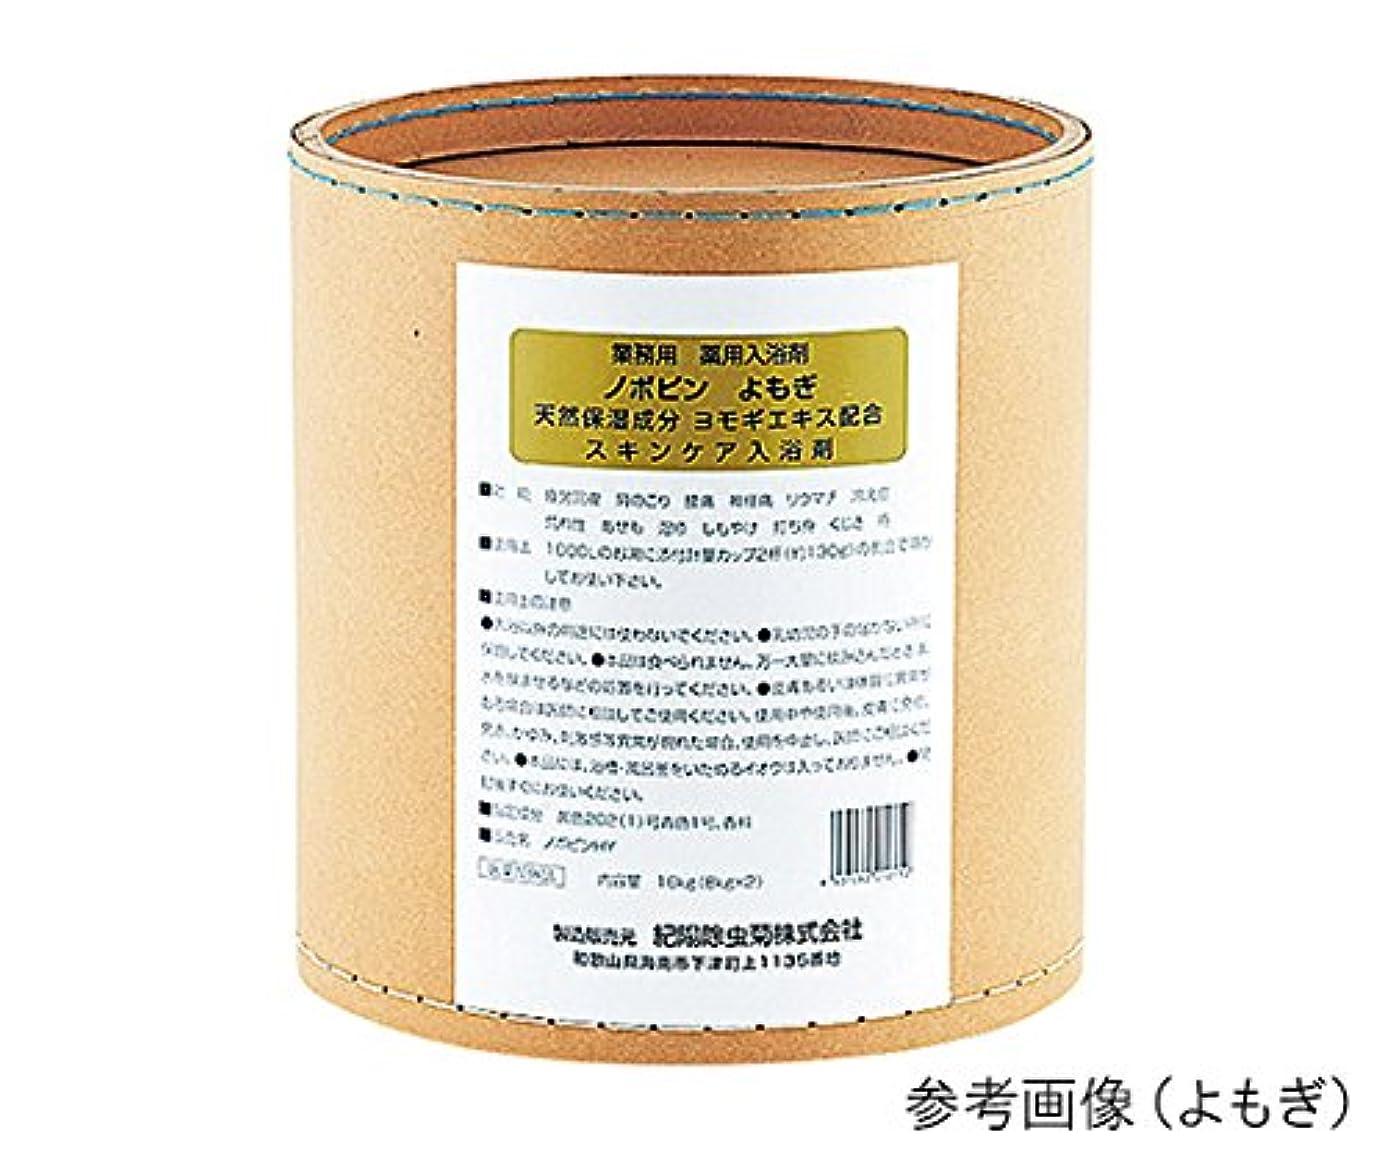 のモットーパケット紀陽除虫菊7-2541-02業務用薬用入浴剤(ノボピン)アロエ(8kg×2個入)